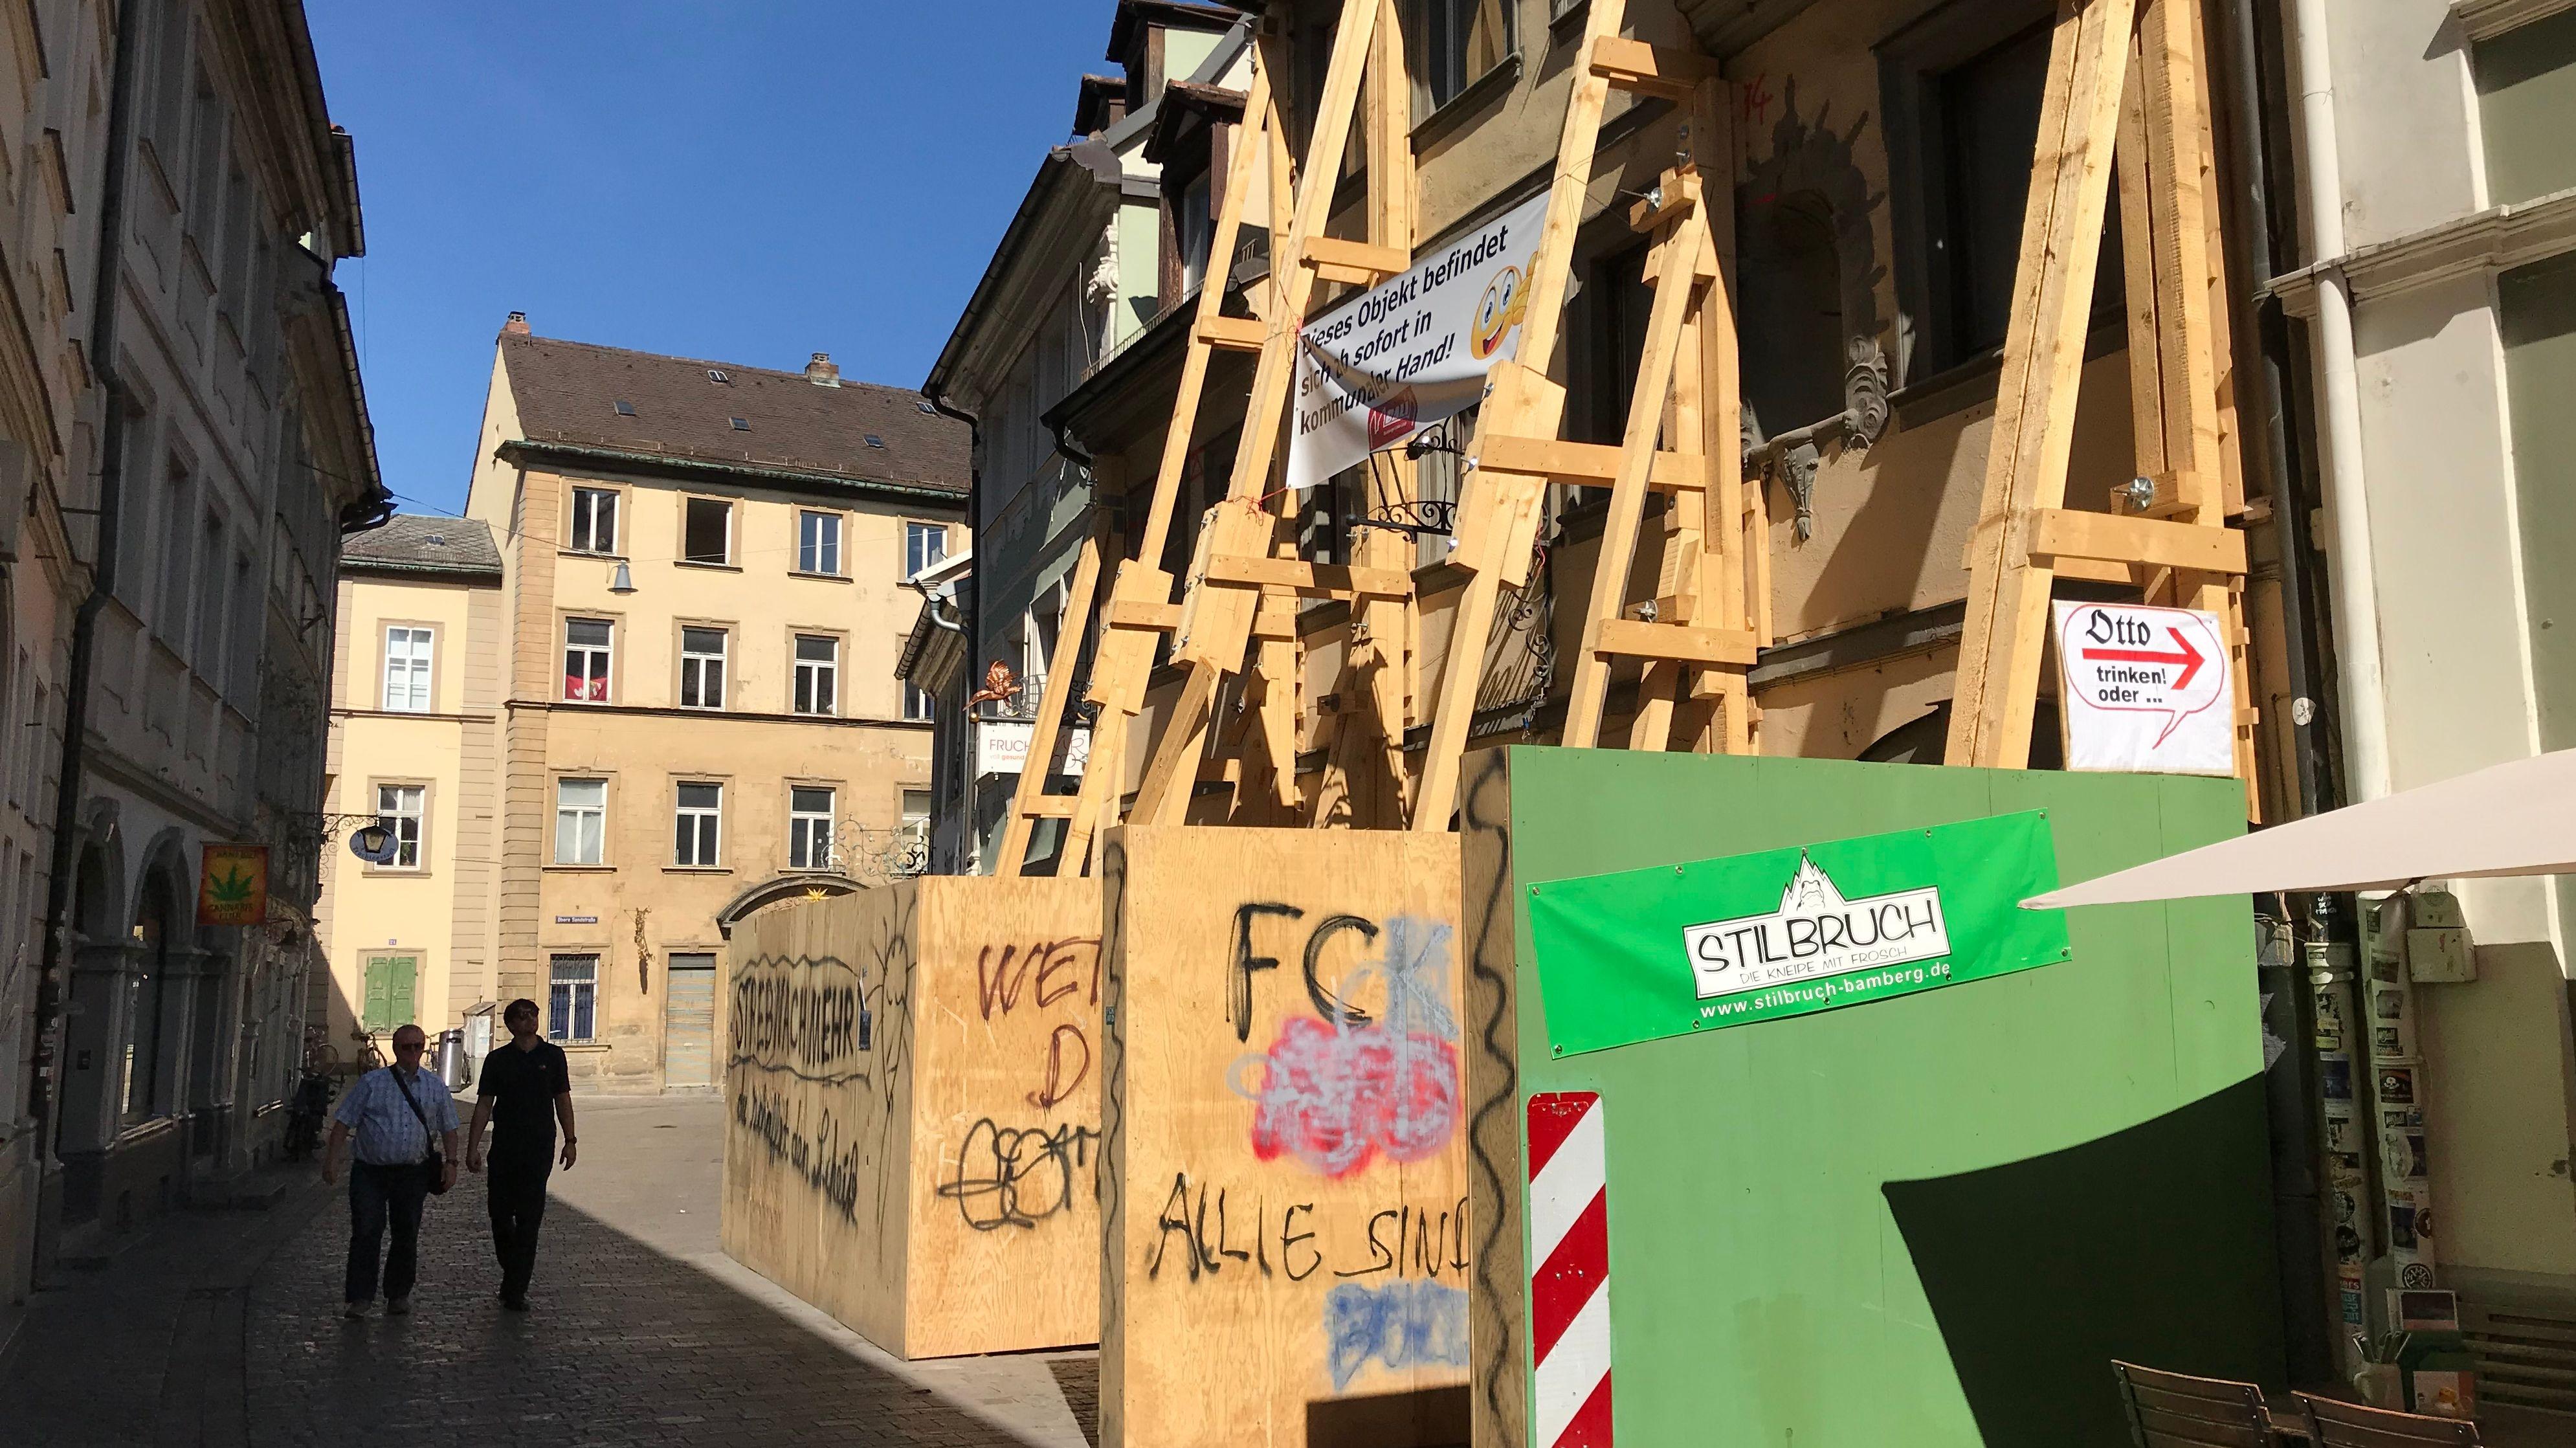 Abgestütztes, mit Holz umzäuntes, einsturzgefährdetes Haus in der Bamberger Sandstraße